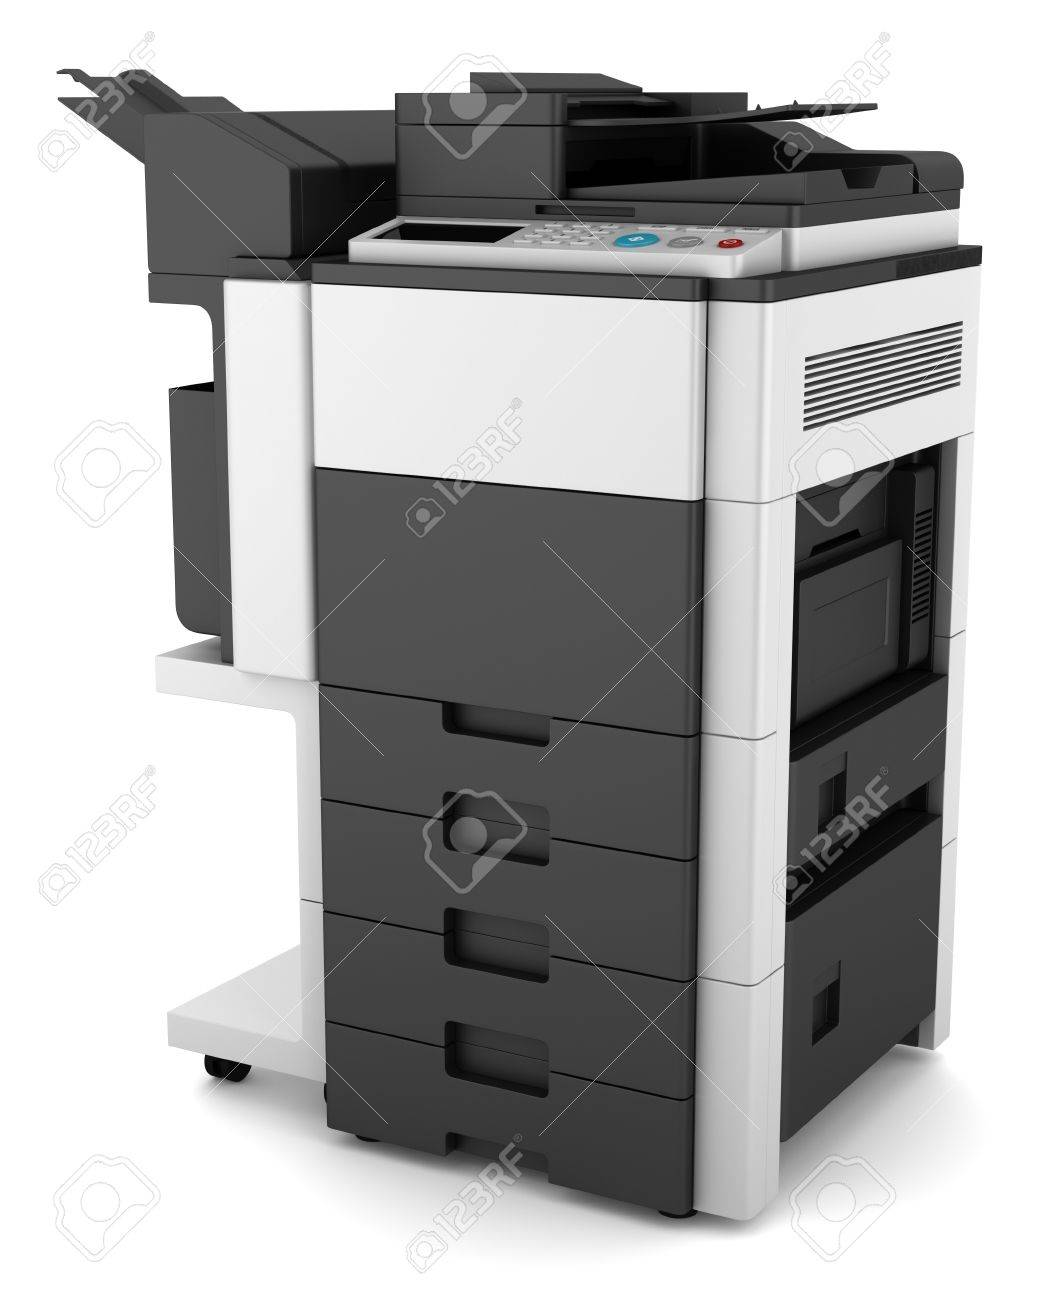 Moderne Imprimante Multifonction De Bureau Isol Sur Fond Blanc